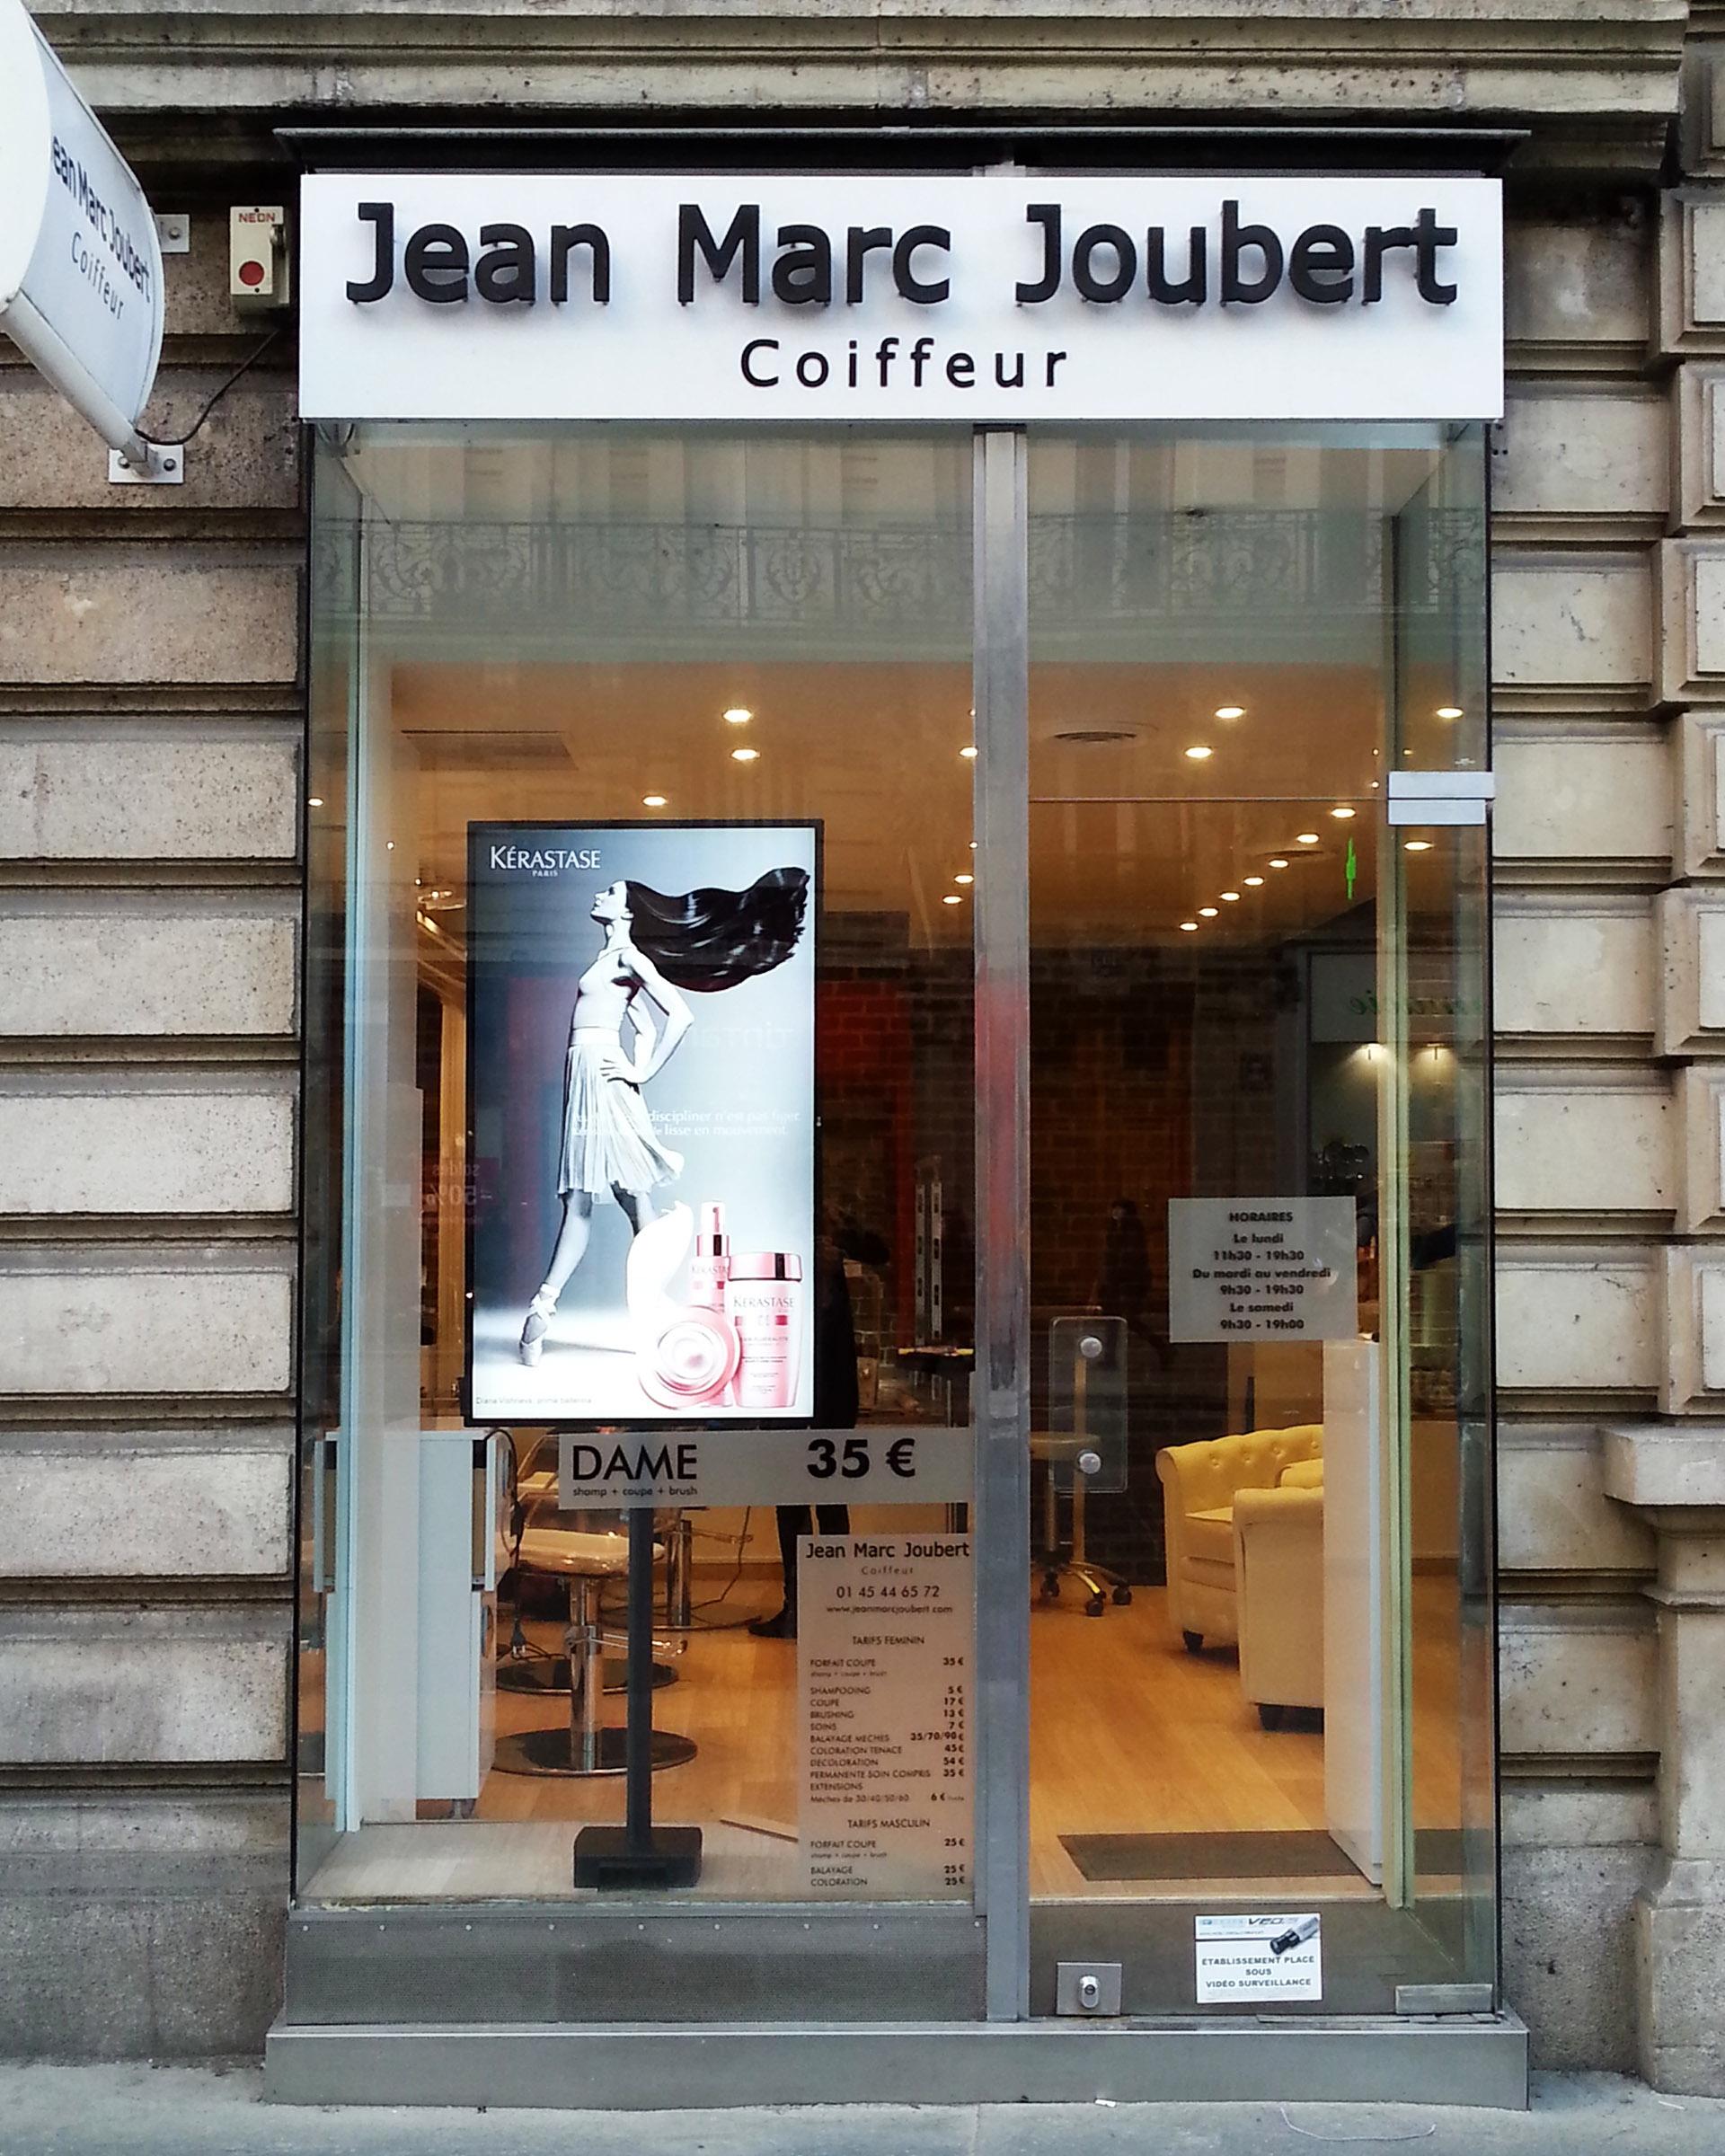 L 39 or al choisit la solution d 39 affichage dynamique mytv for Salon jean marc joubert